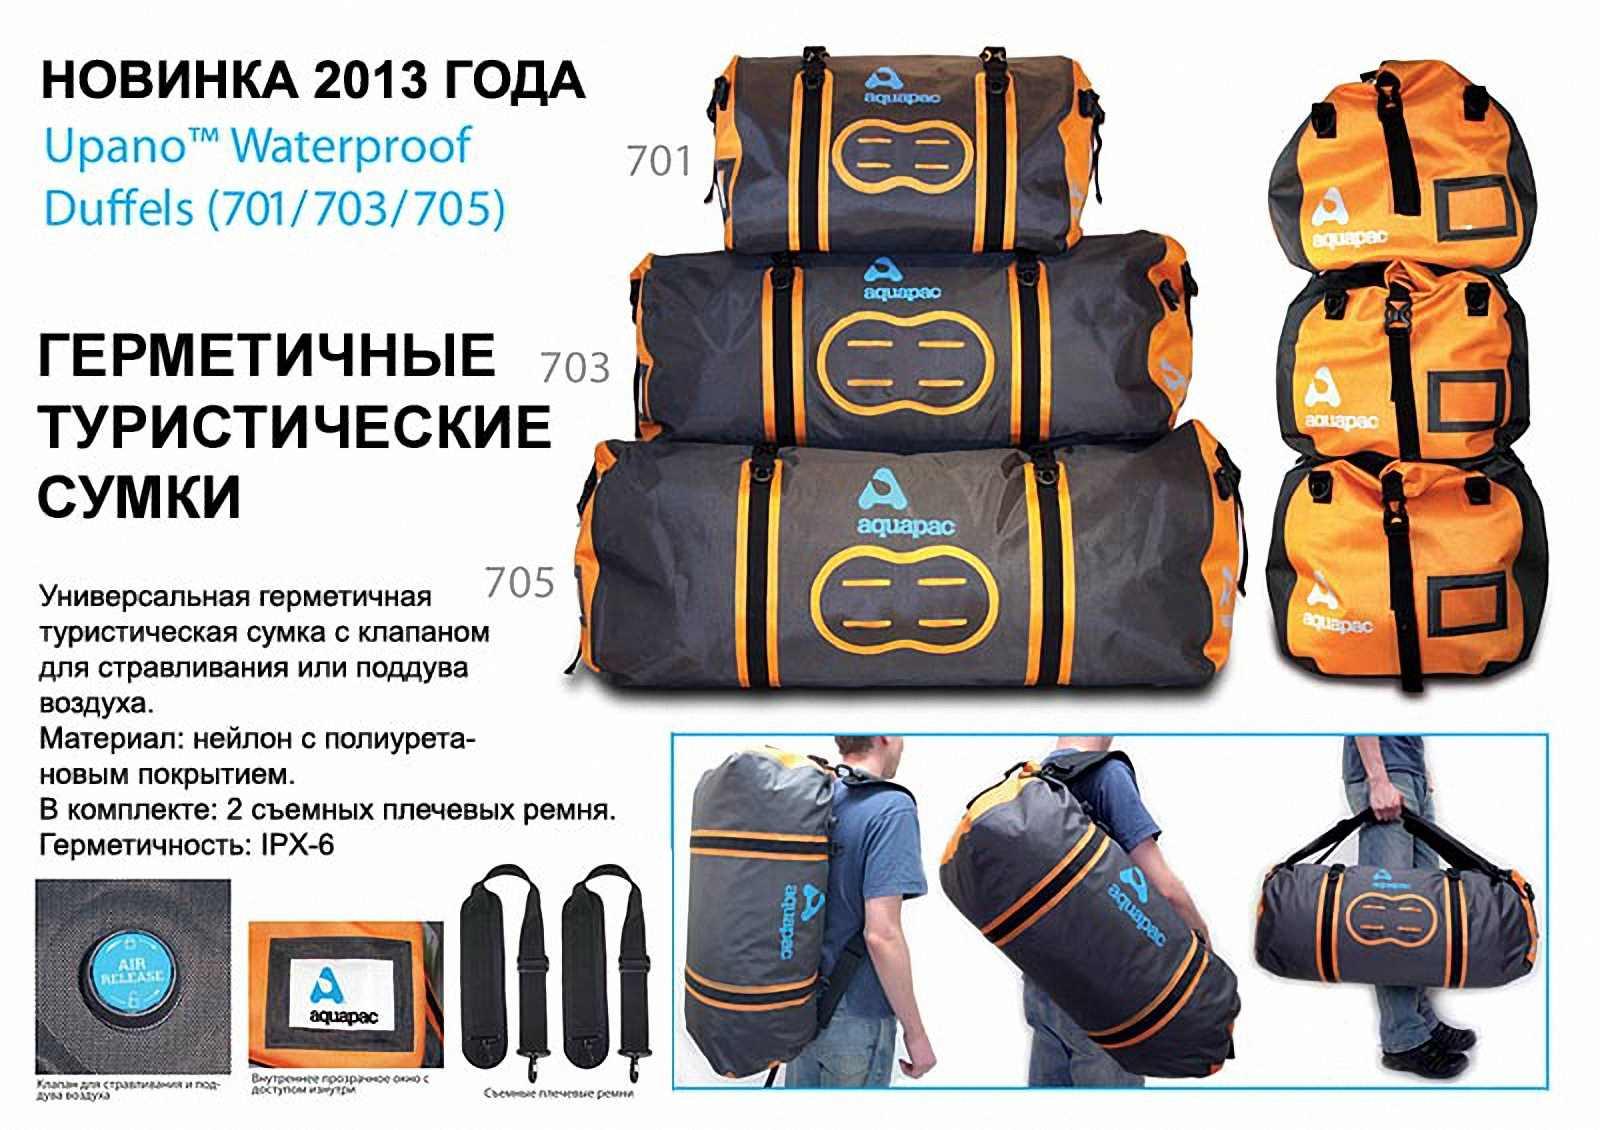 Водонепроницаемая сумка-рюкзак Aquapac 705 - Upano Waterproof Duffel - 90L.. Aquapac - №1 в мире водонепроницаемых чехлов и сумок. Фото 1